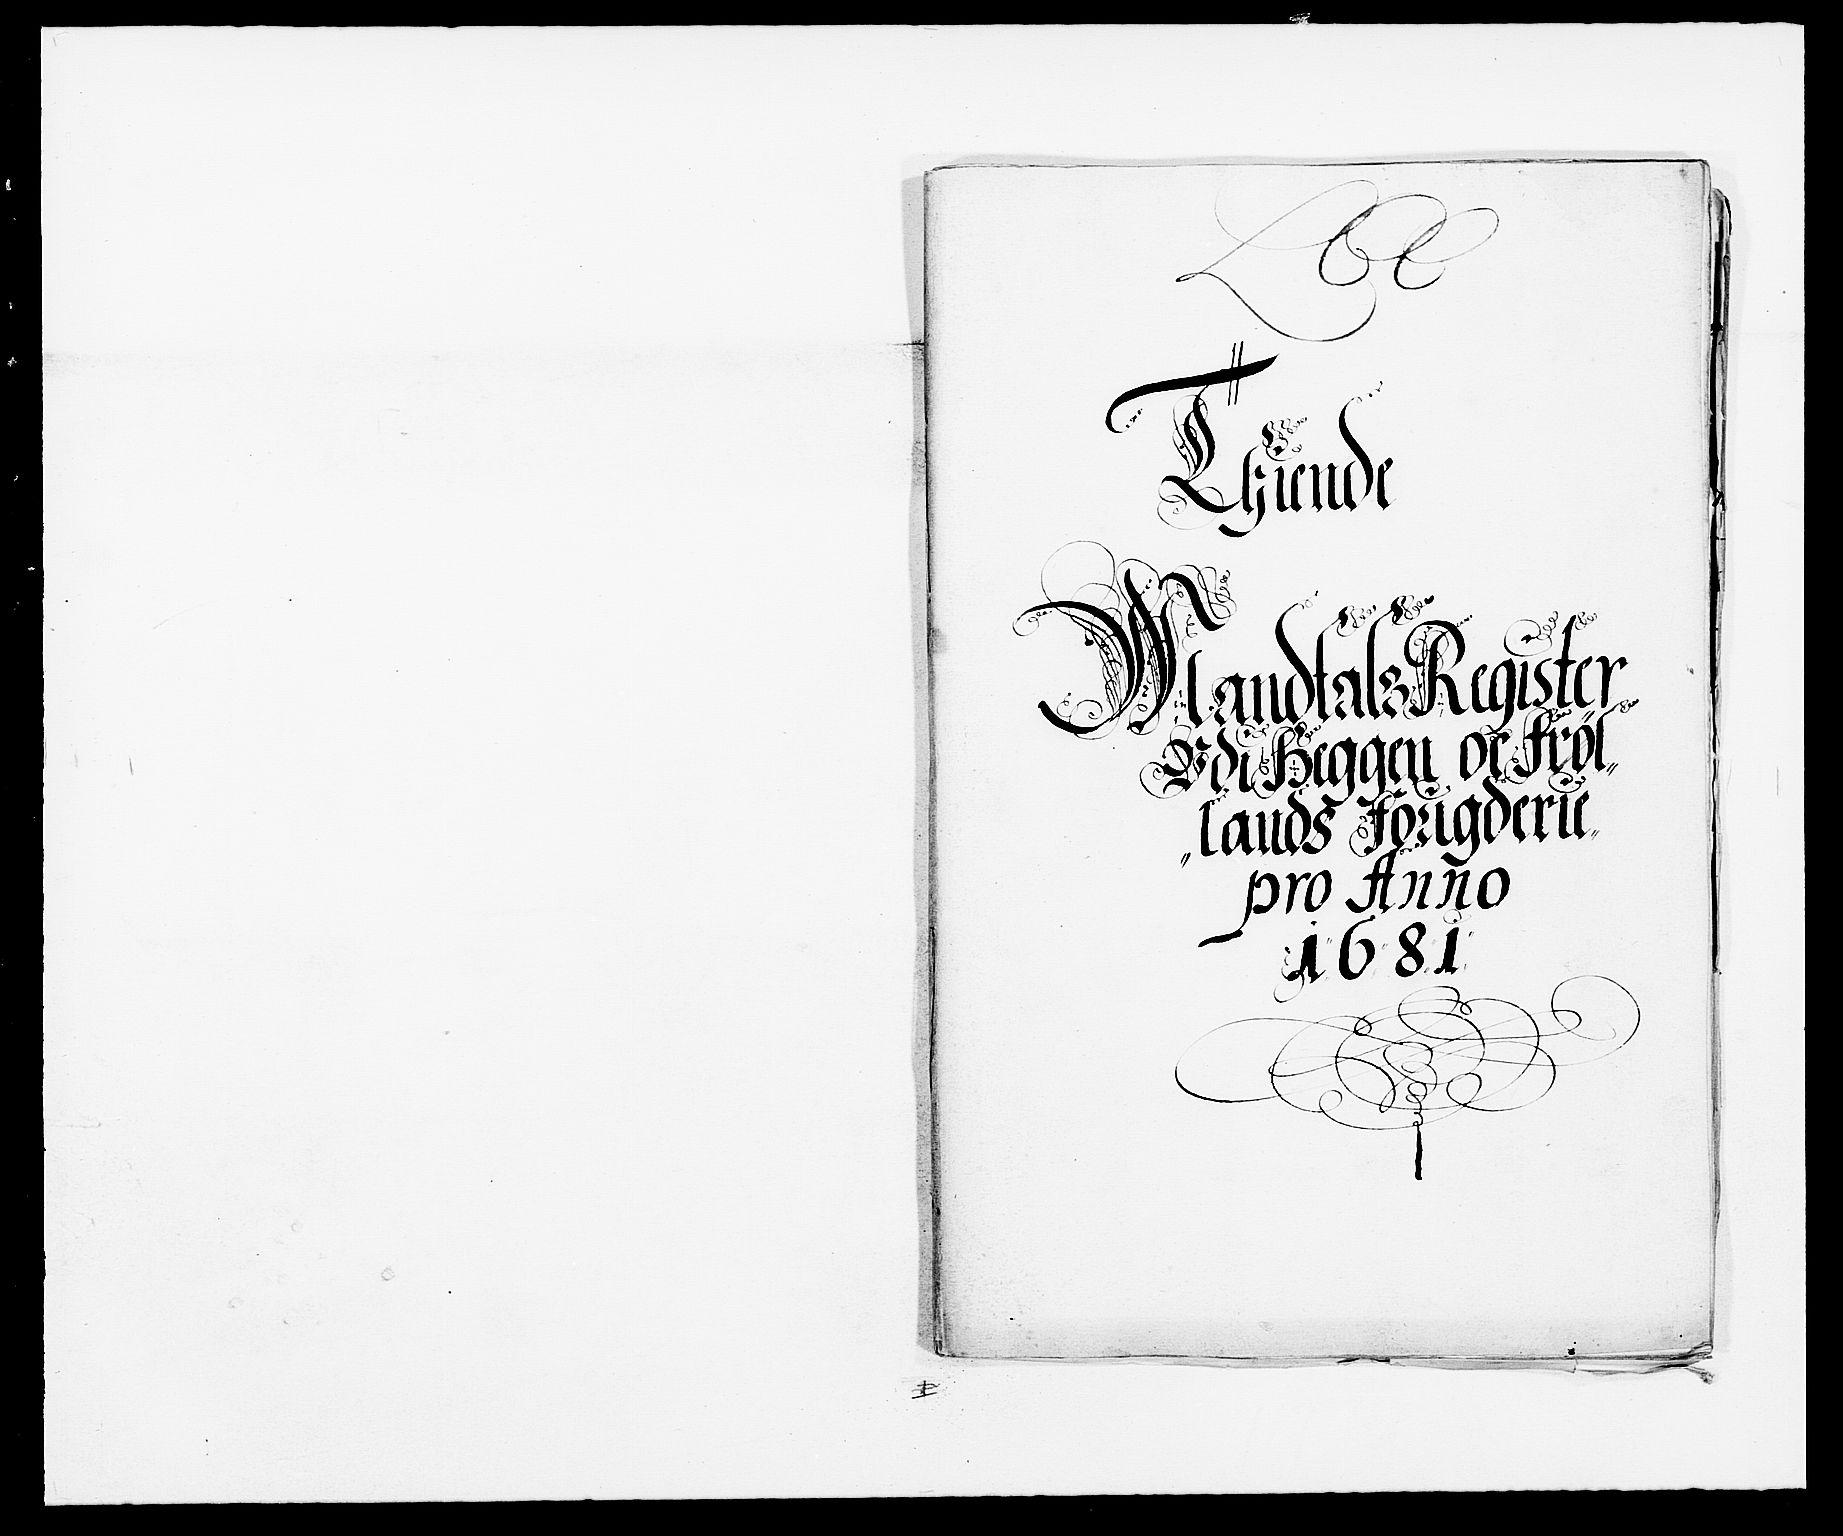 RA, Rentekammeret inntil 1814, Reviderte regnskaper, Fogderegnskap, R06/L0280: Fogderegnskap Heggen og Frøland, 1681-1684, s. 75